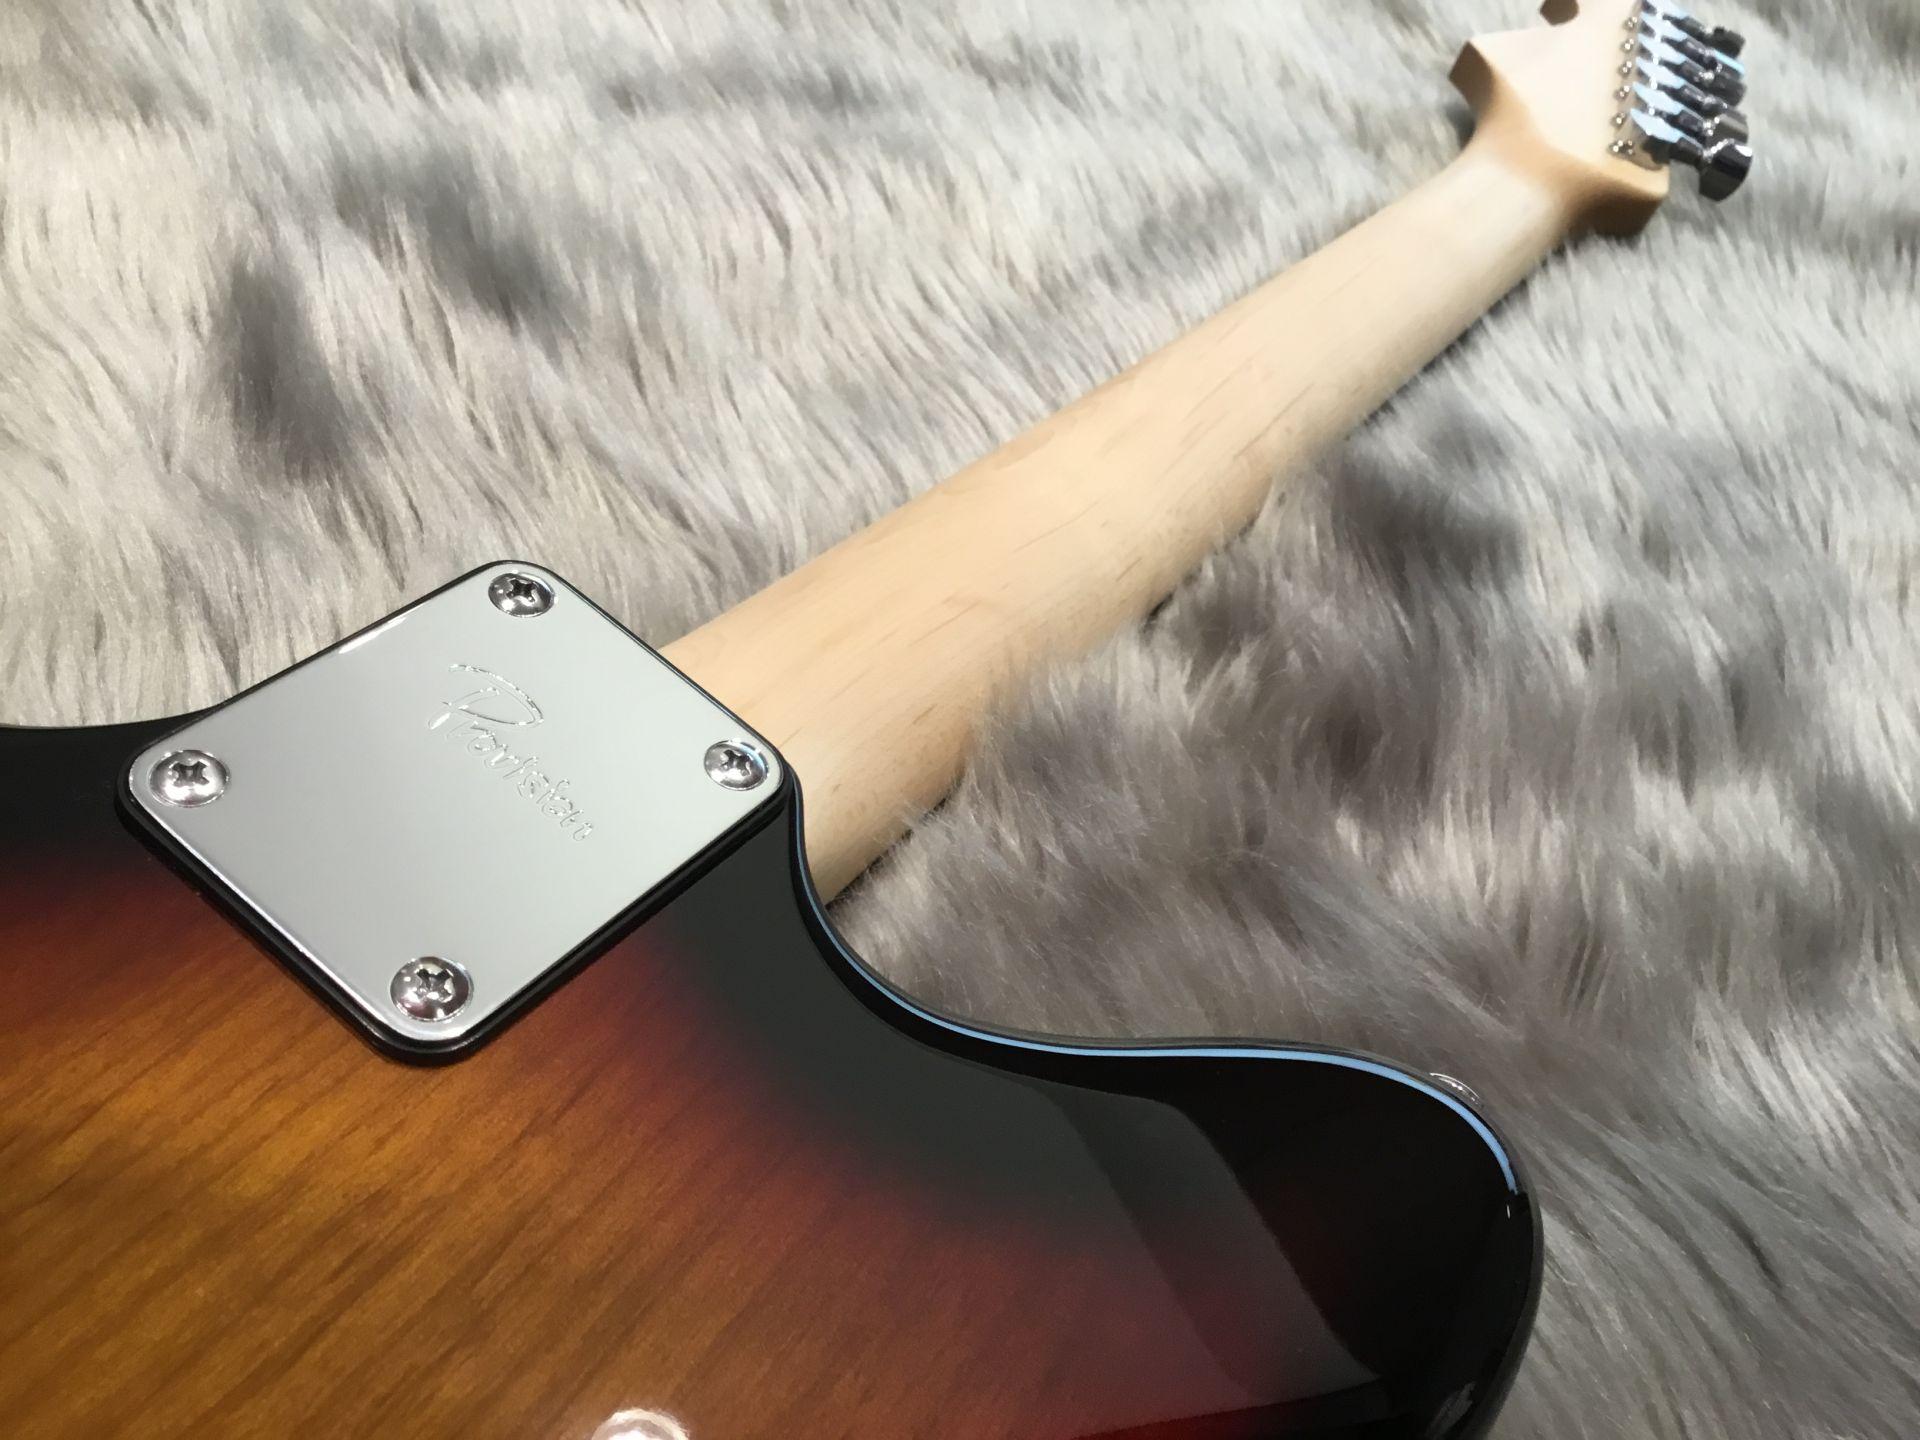 JM001/SG-HAKATAの指板画像